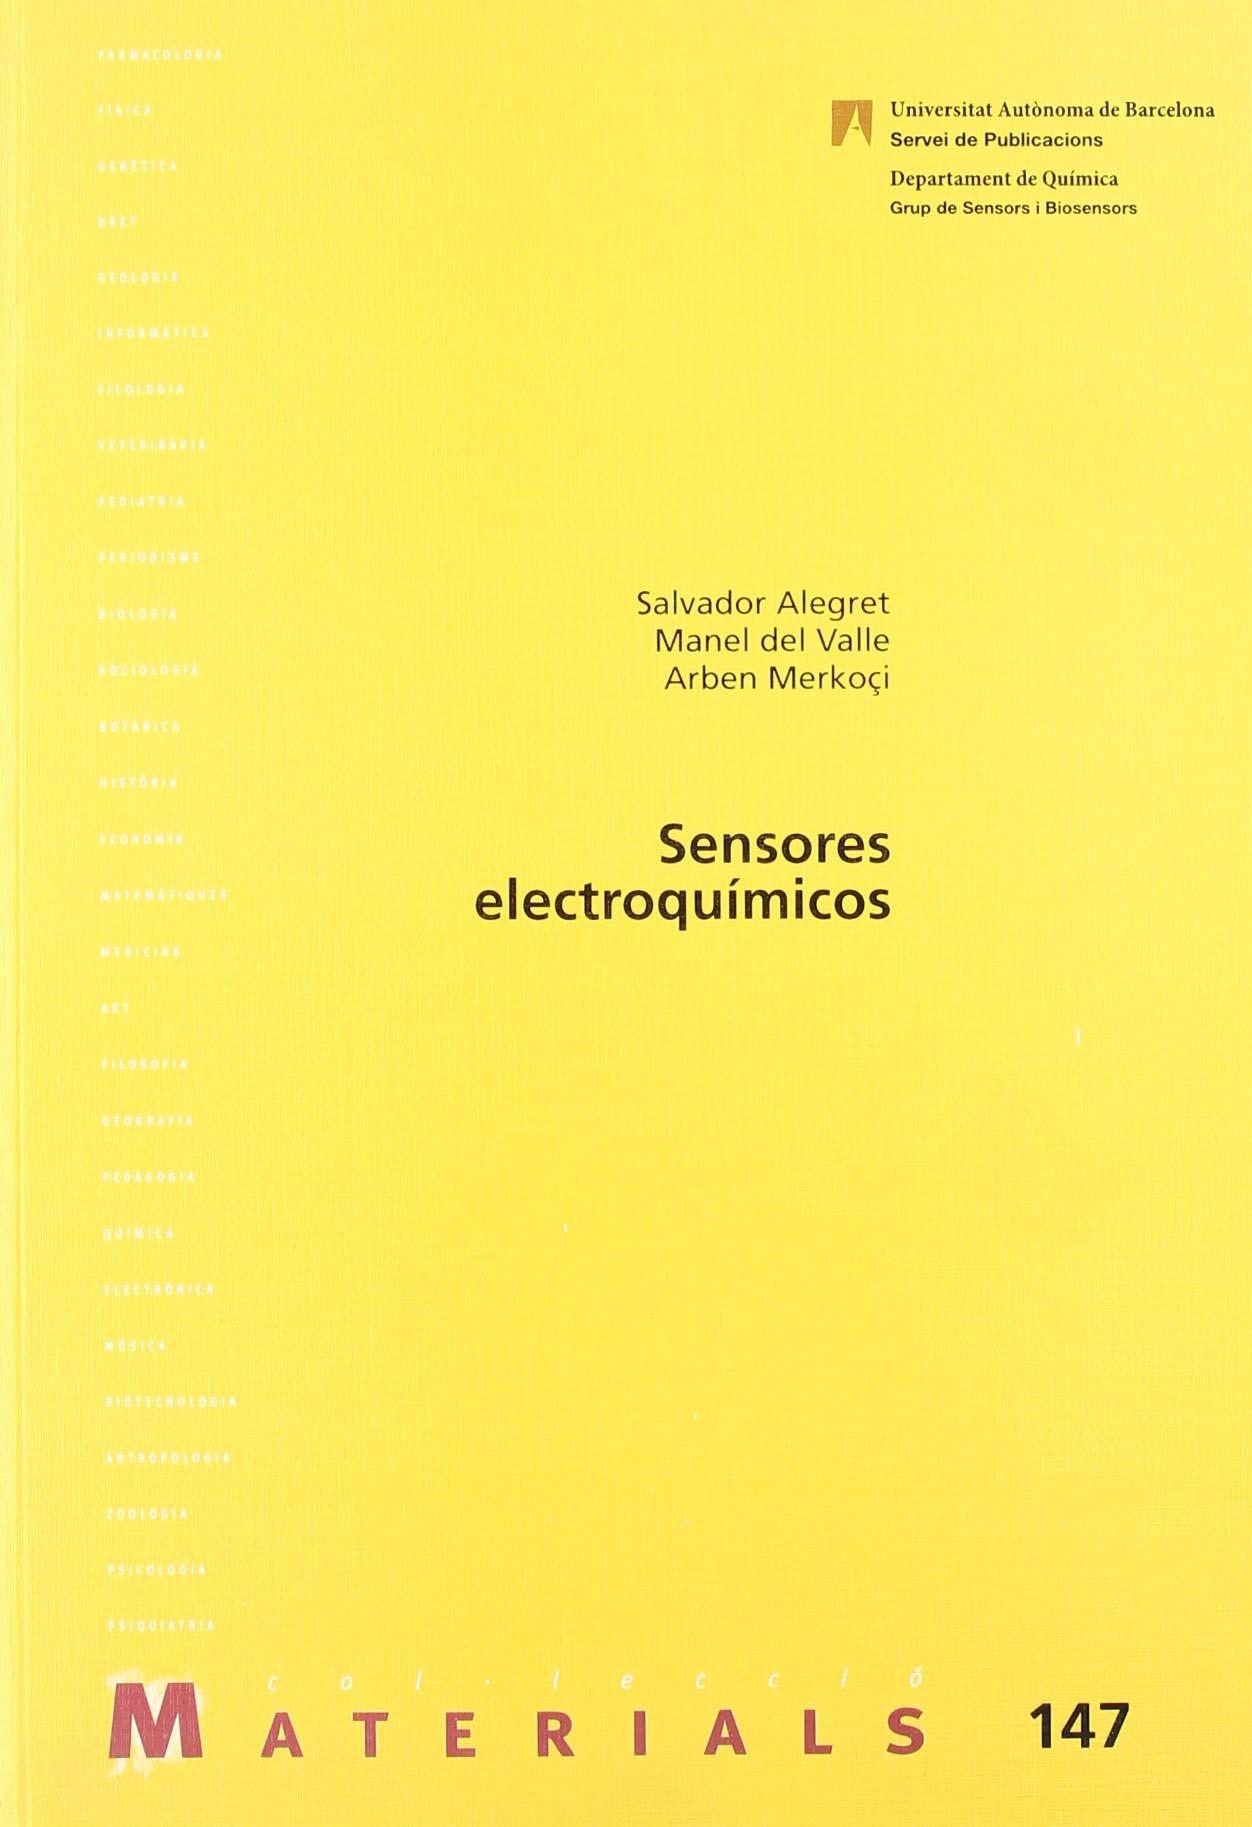 Sensores electroquímicos: Salvador;Valle, Manel del;Merkoçi, Arben ...